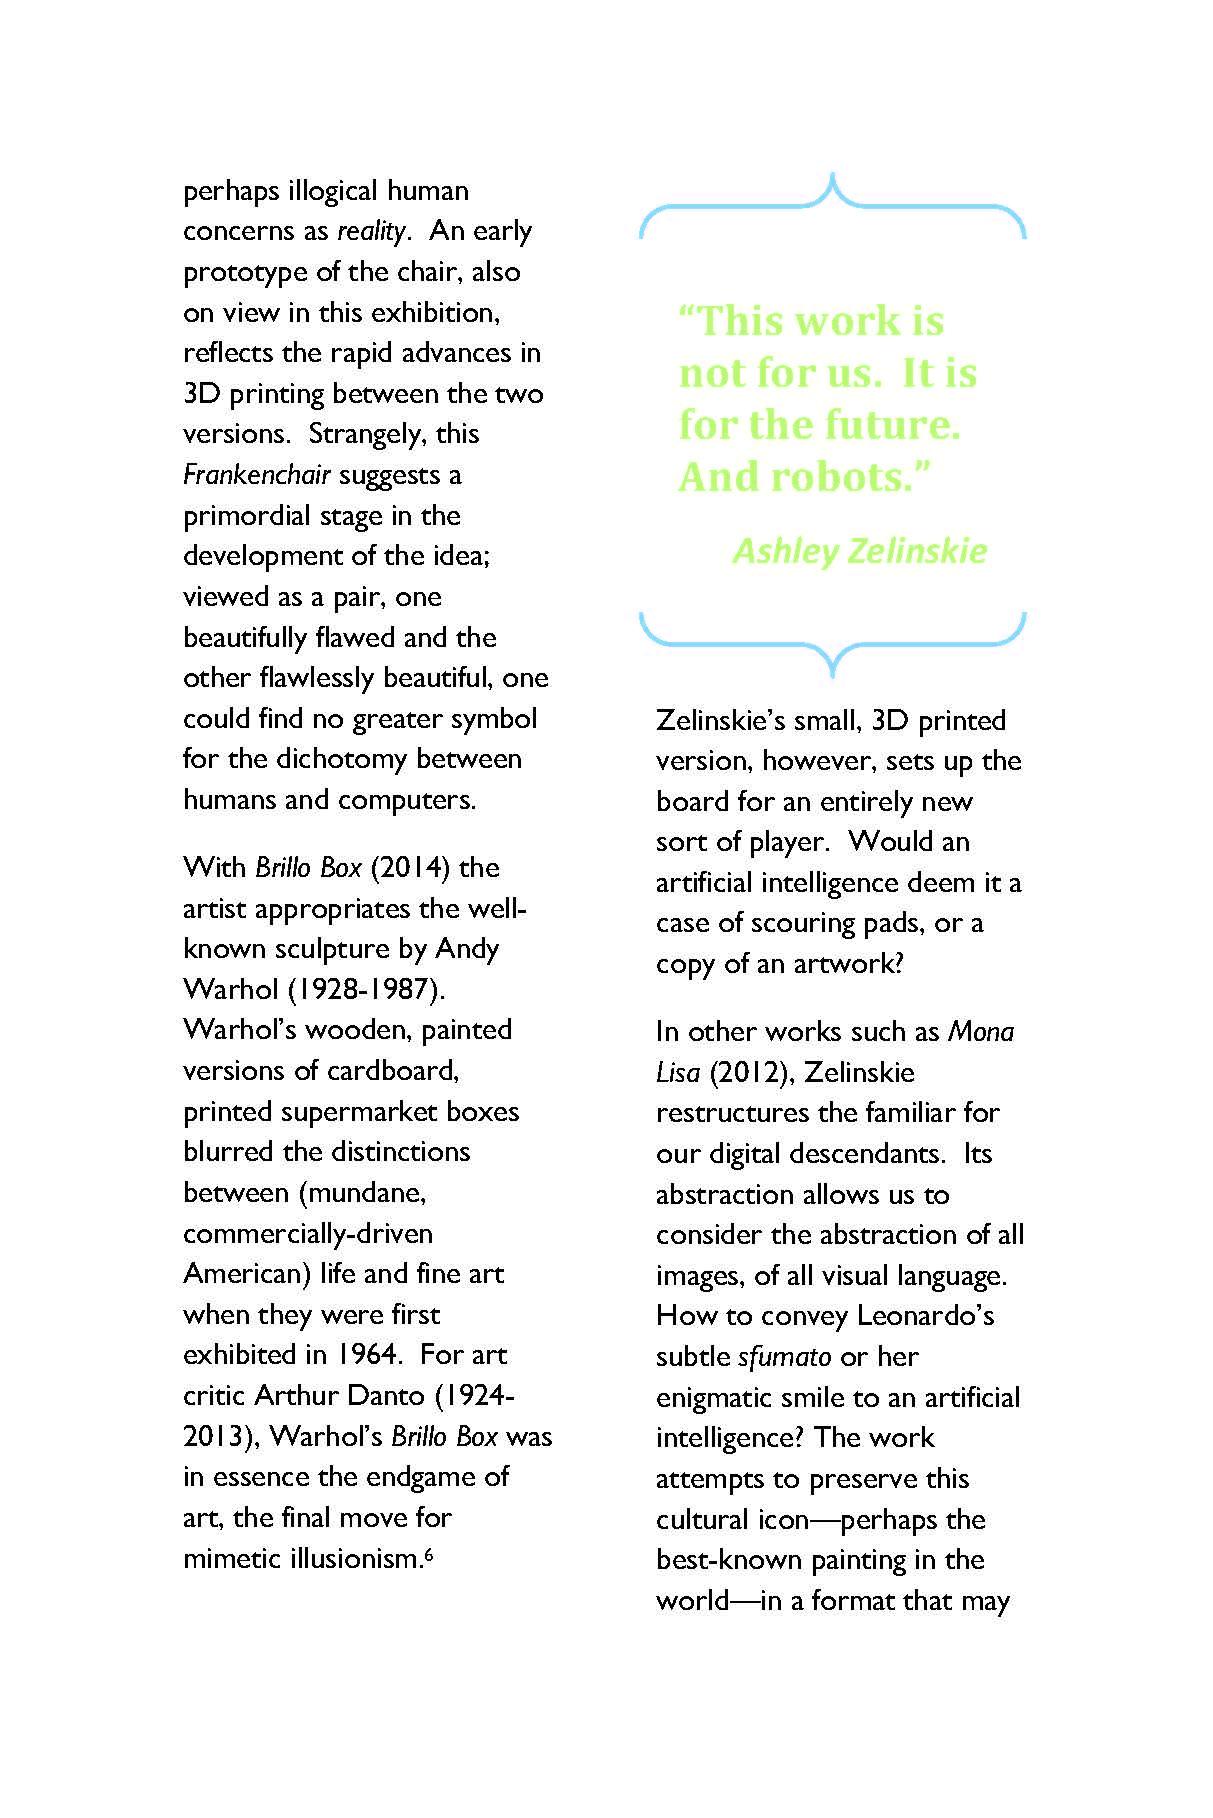 Ashley_Zelinskie_Return_to_Tomorrow_Page_09.jpg